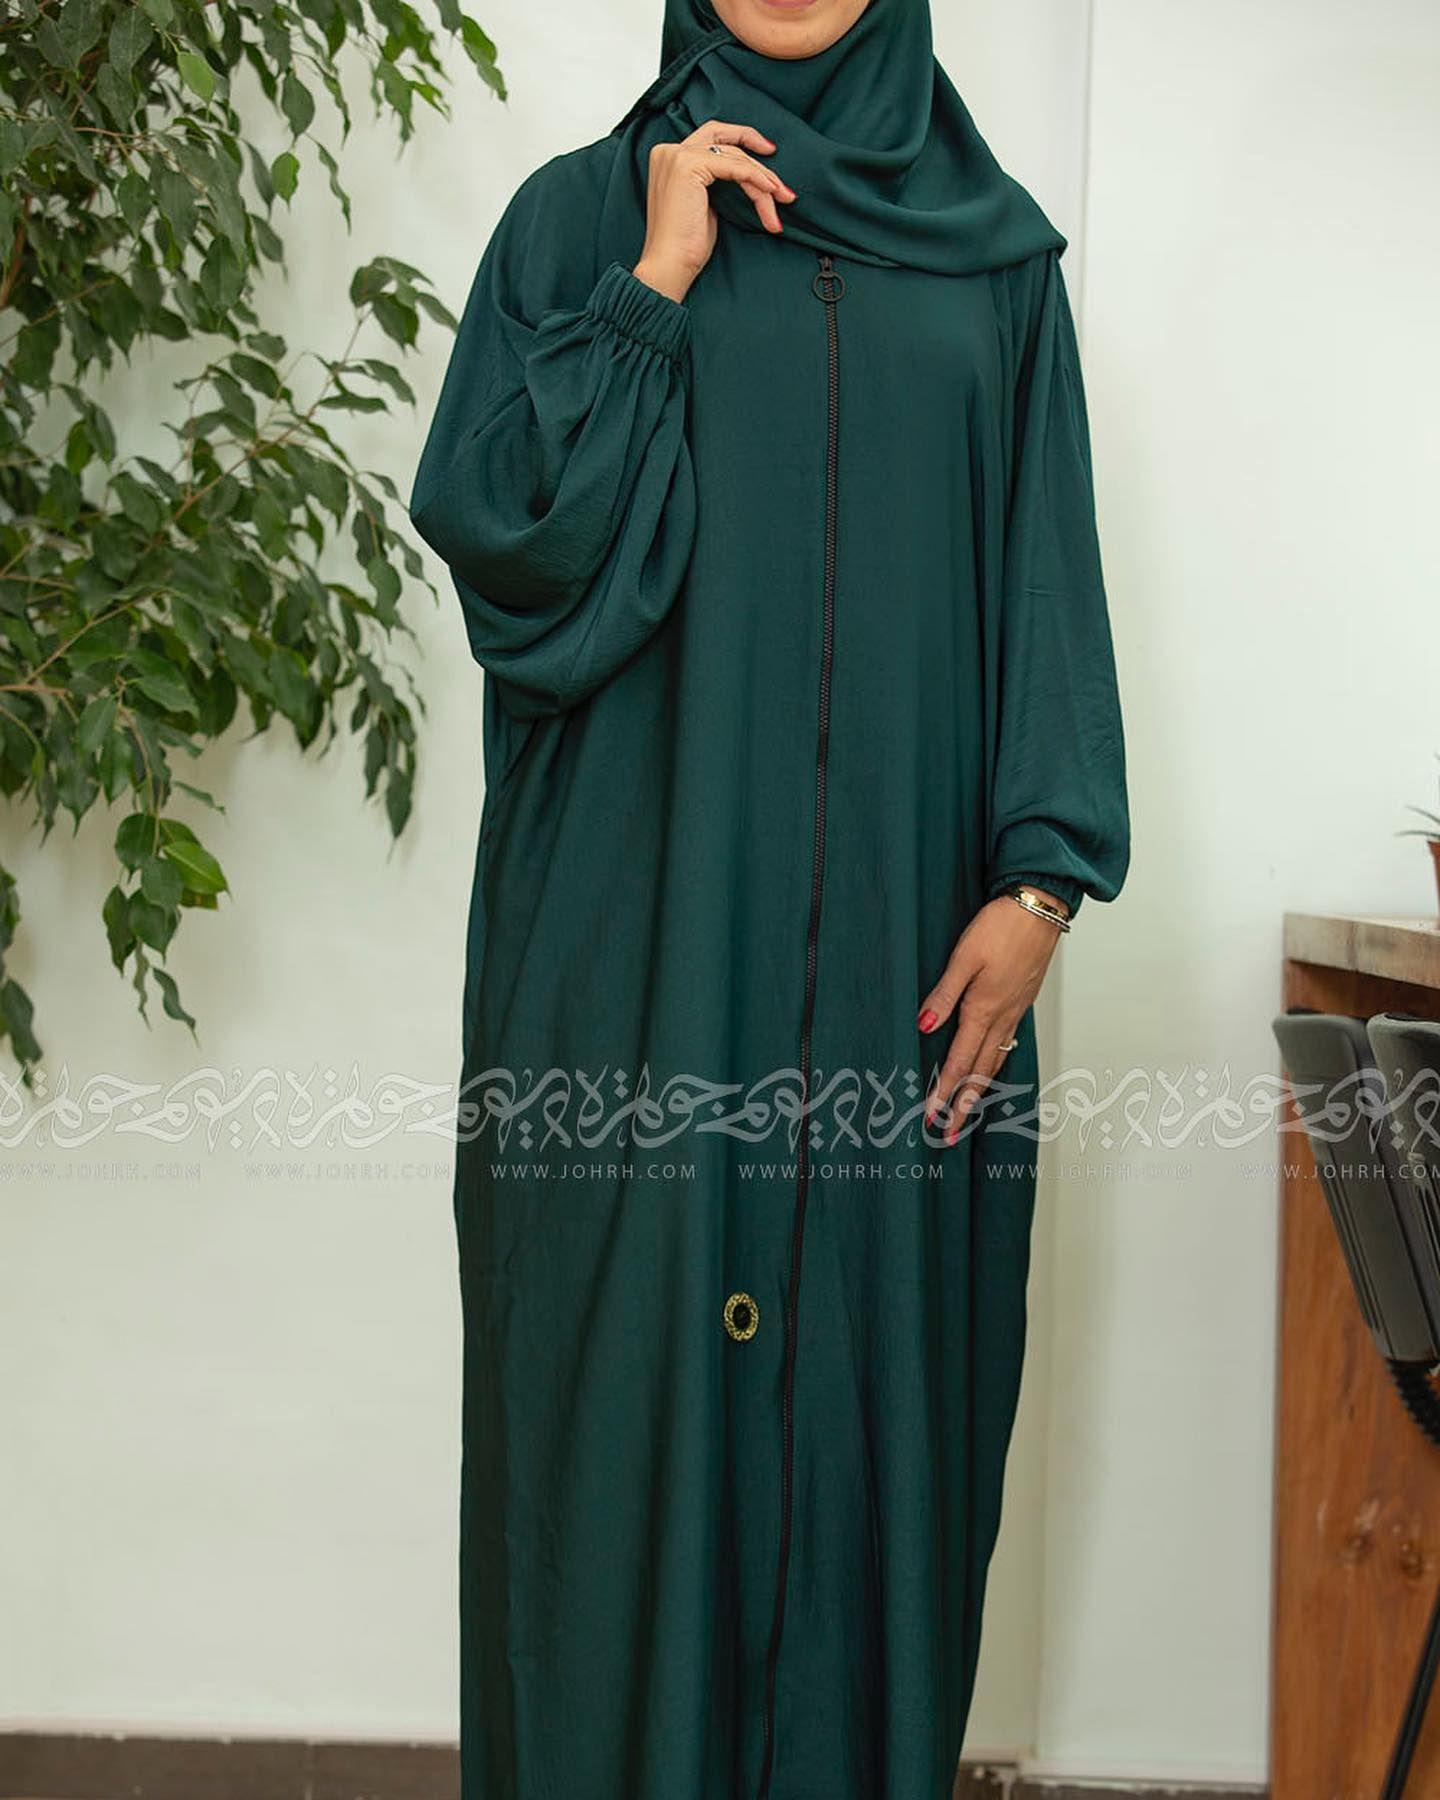 رقم الموديل ١٦٢٤ السعر ٢١٠ ريال عباية بكم زم من الحرير المغسول بلون اخضر غامق وجيب سحاب بطرحة مثبتة ومناسبة للحج عبايات متجر ج Maxi Dress Fashion Dresses